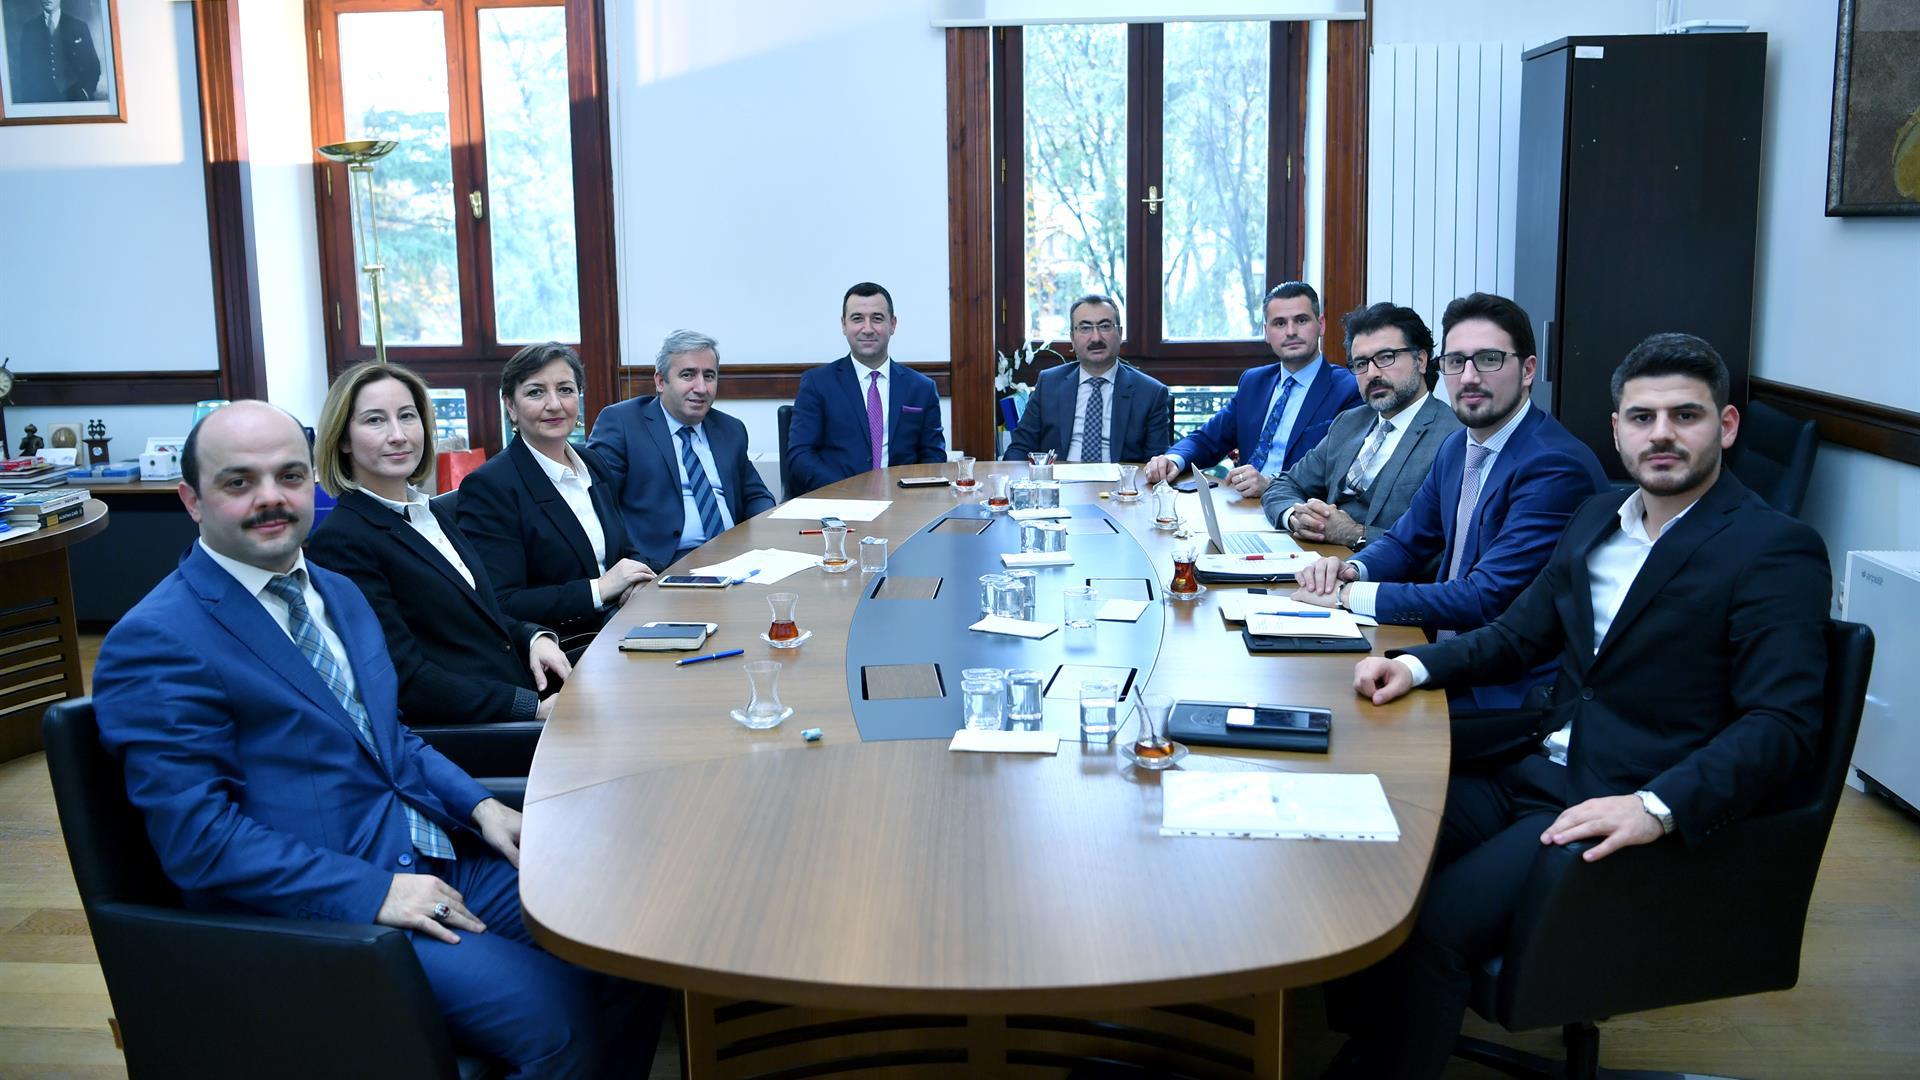 İstanbul-Üniversitesi-ile-Uluslararası-Balkan-Üniversitesi-Arasında-Ortak-Diploma-Programı-Çalışmaları-Başlatıldı